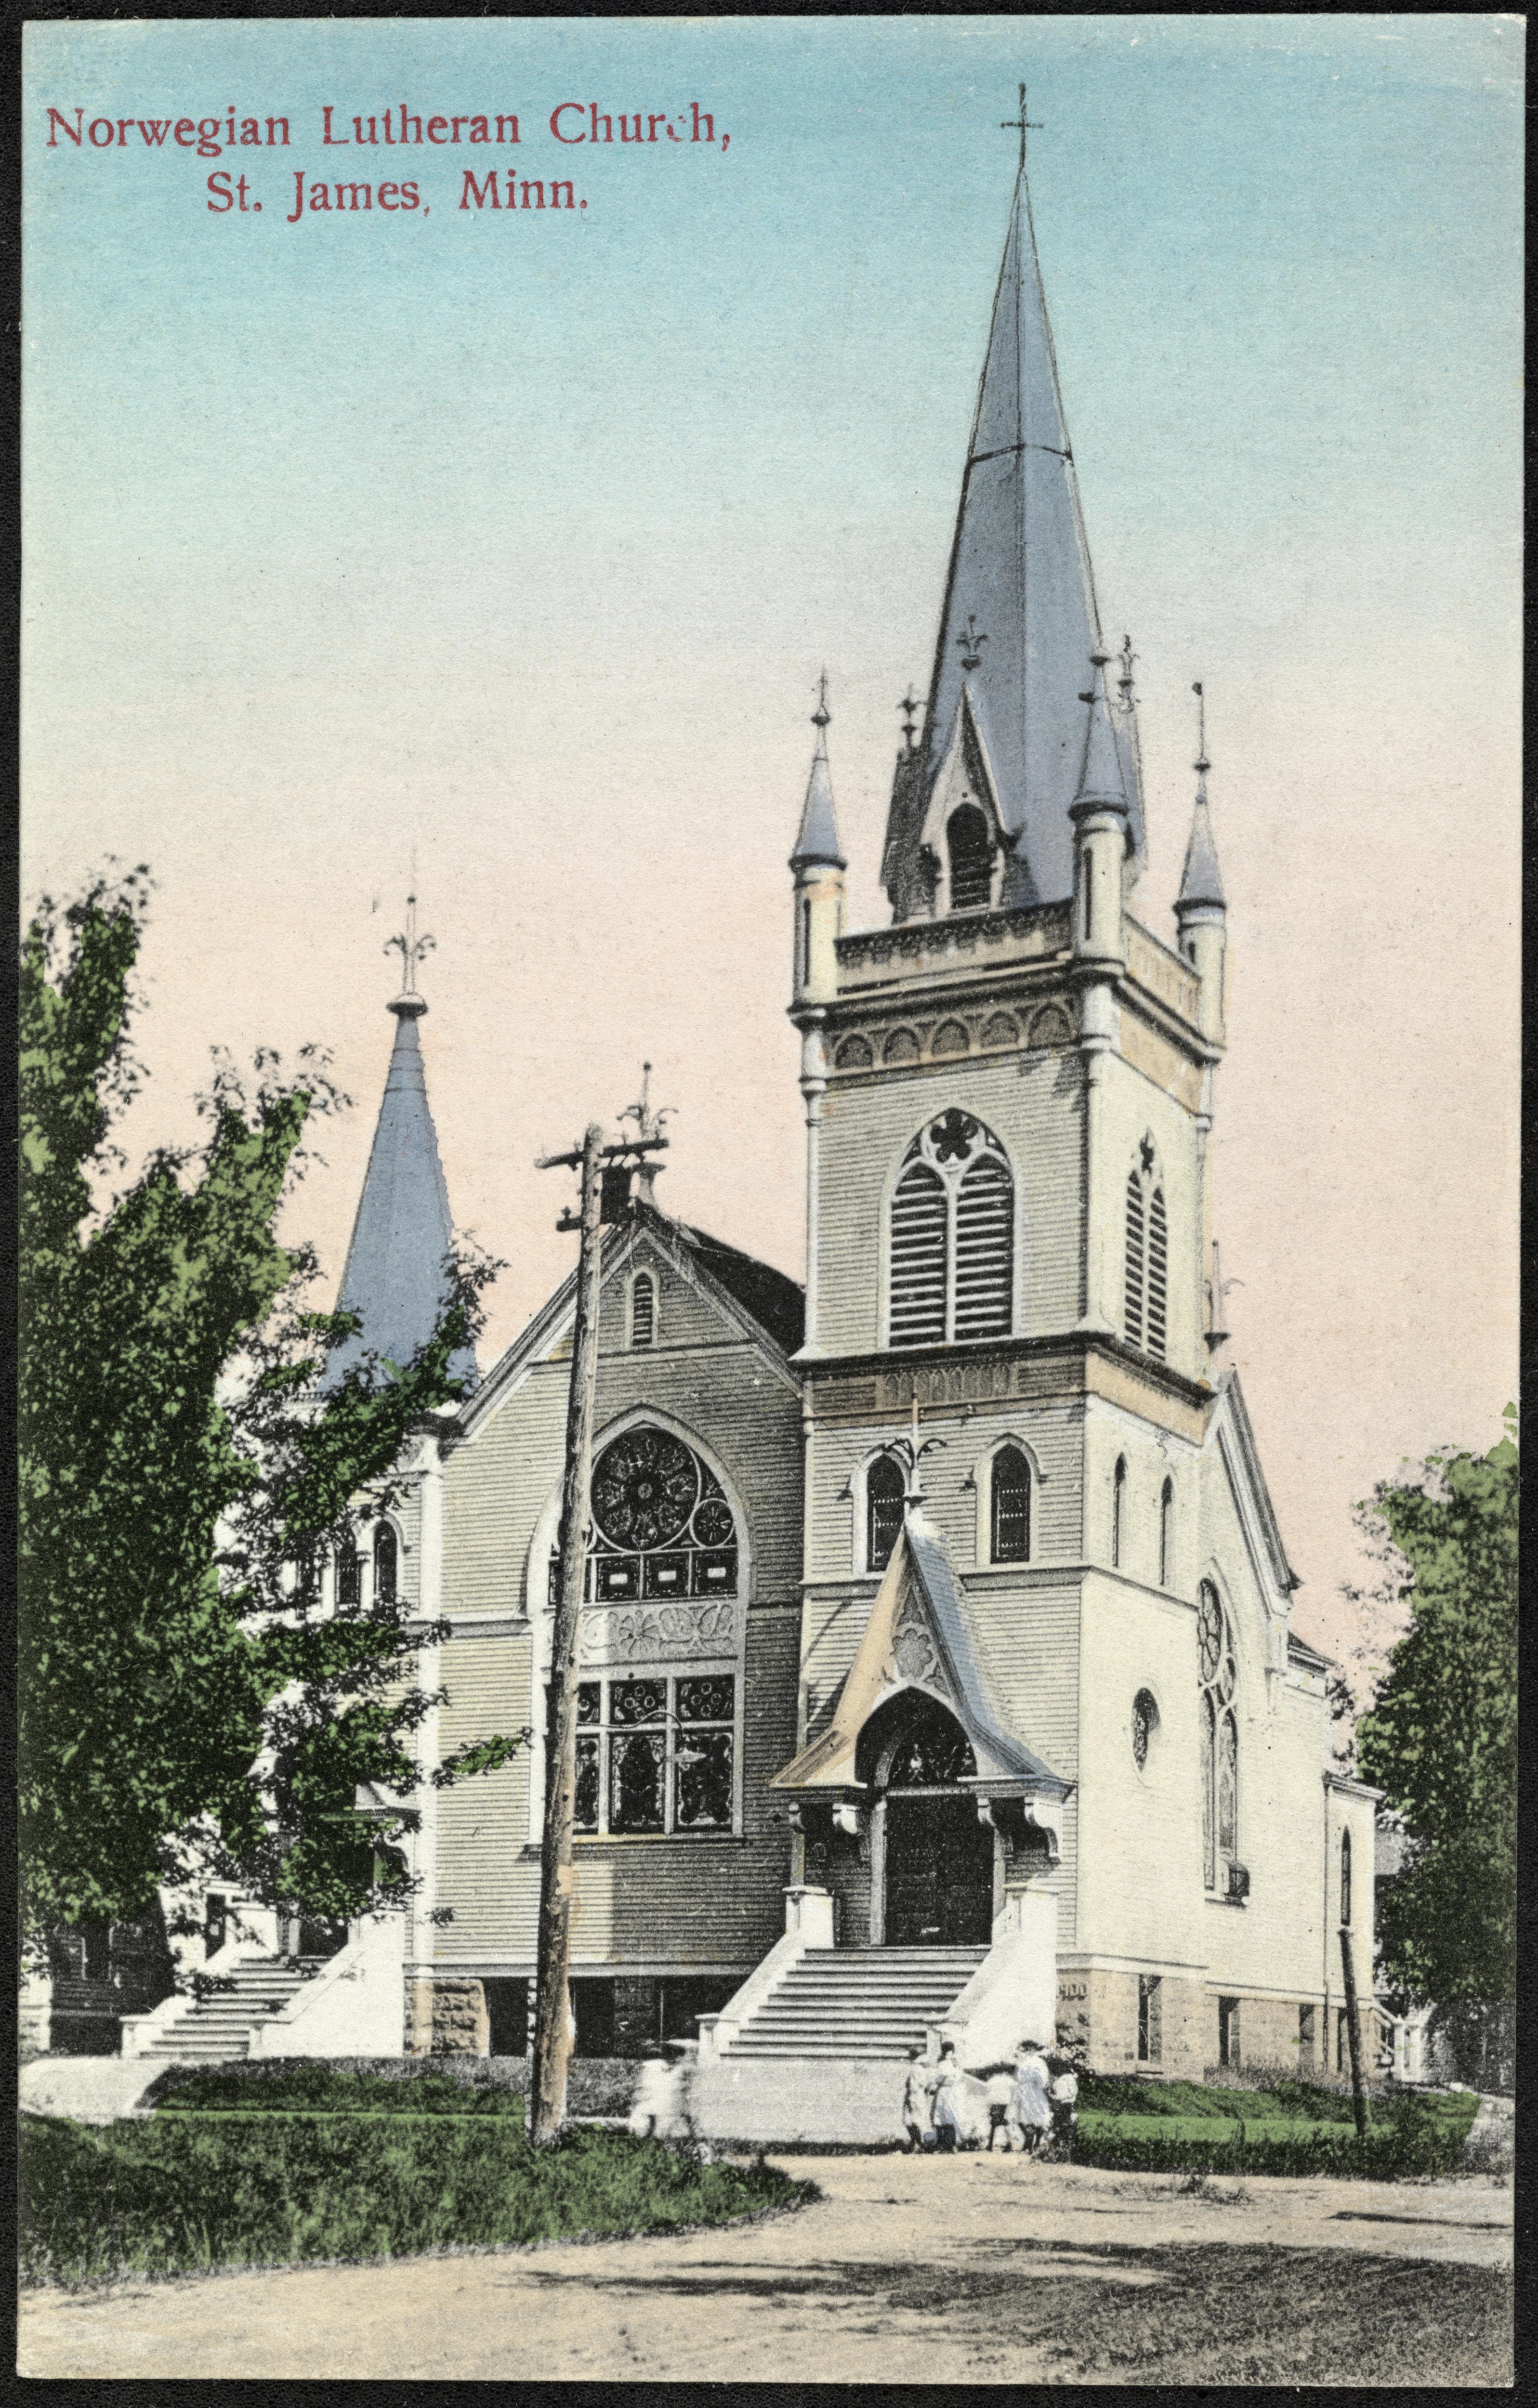 Norwegian Lutheran Church, S. James, Minn.